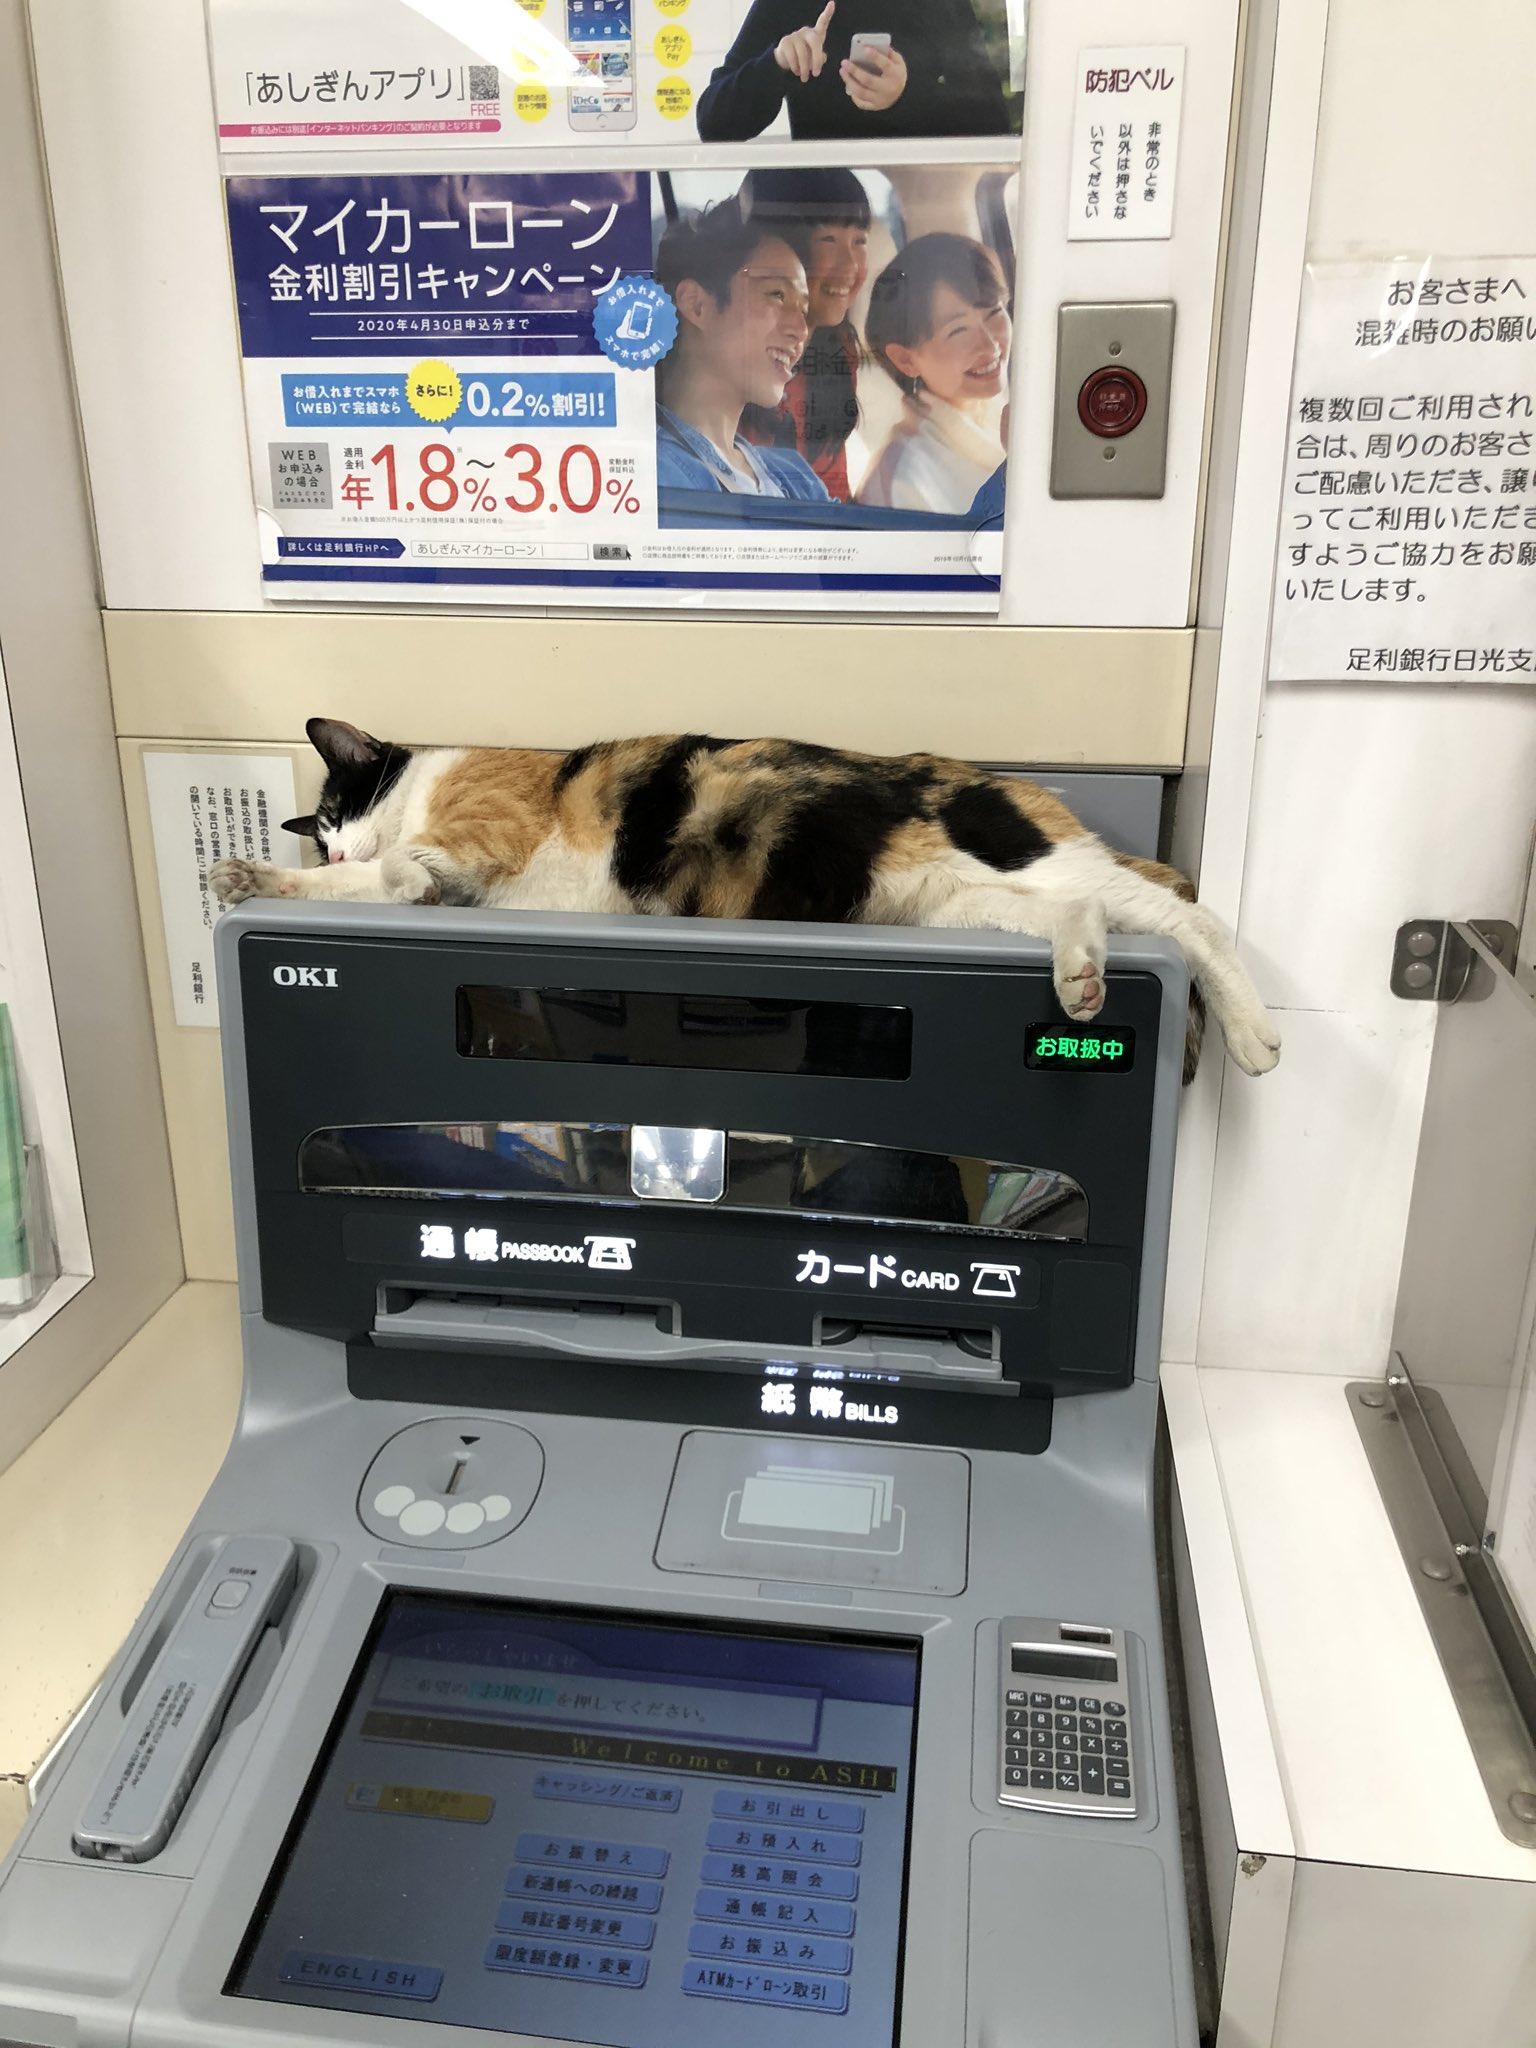 今夜もまだ、ヌコが居ります。 足利銀行日光支店🏧